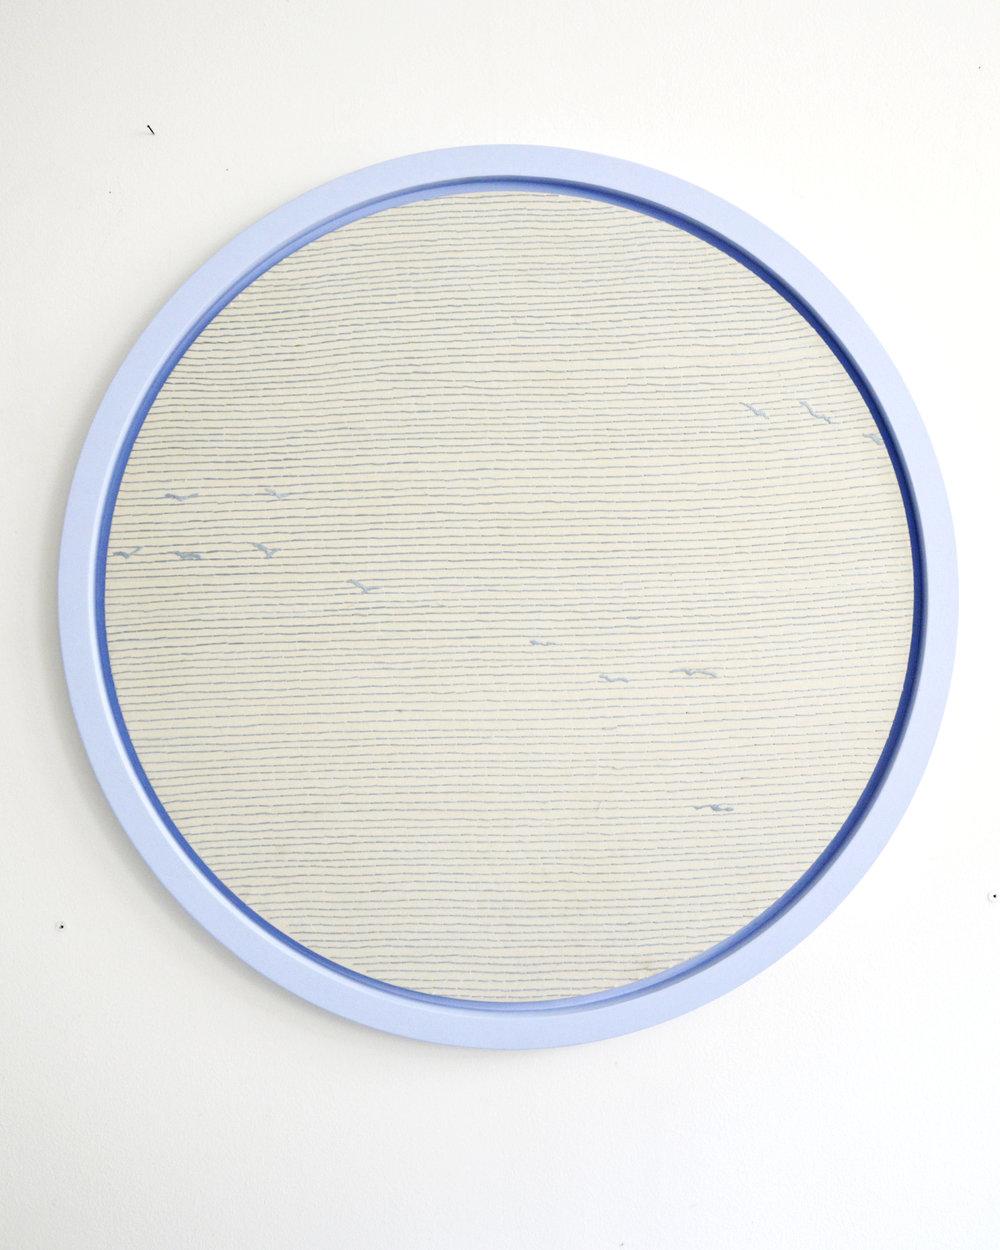 Spiegel - light blue